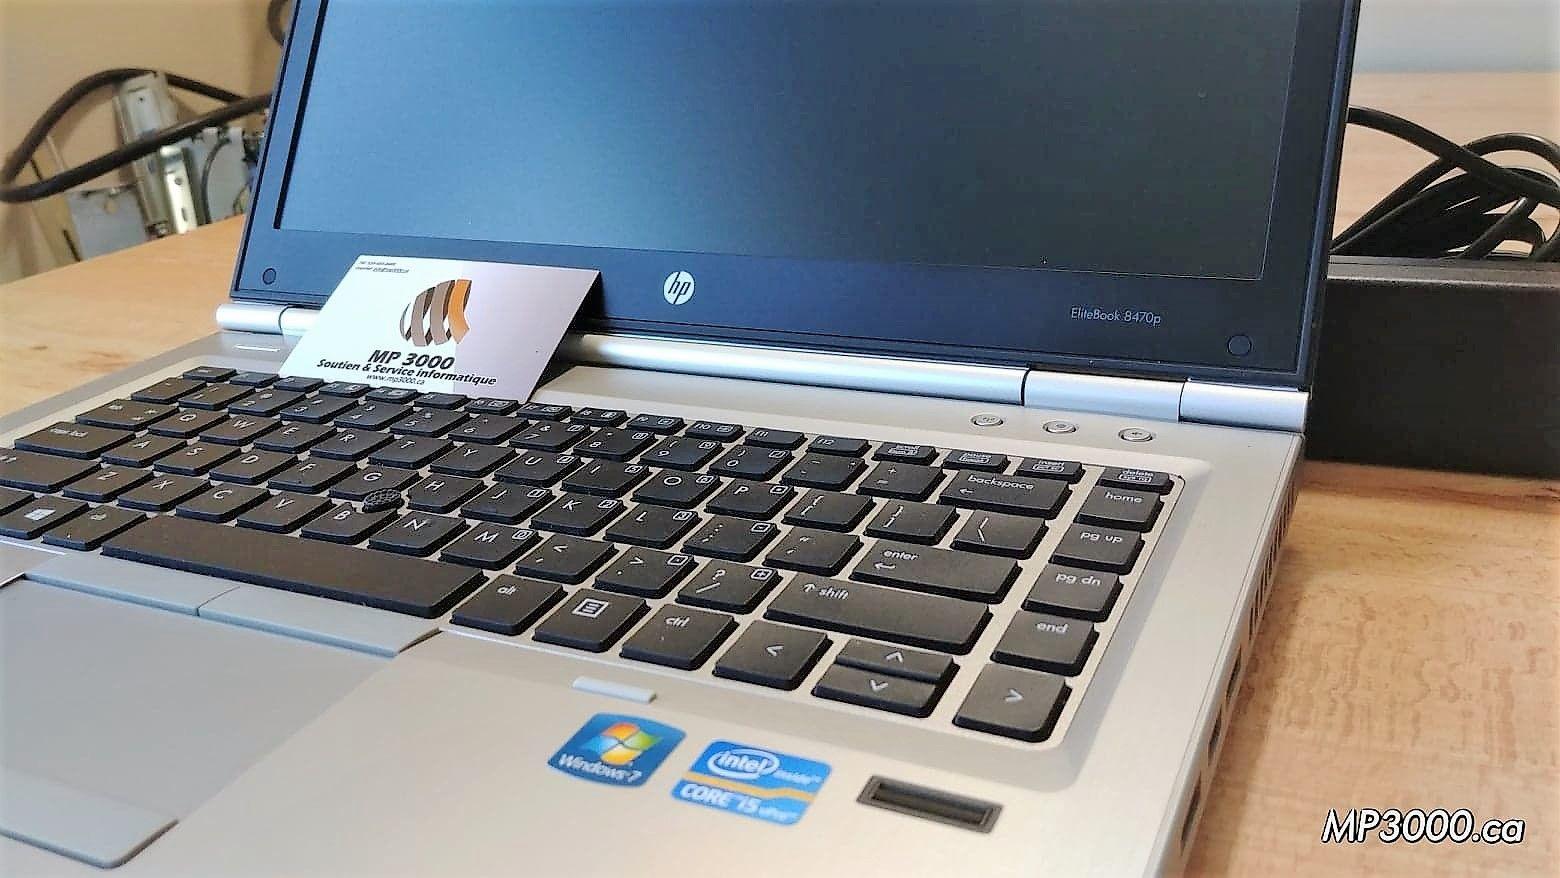 Produits Archive Mp3000 Soutien Service Informatique Hp Elitebook Laptop Electronics